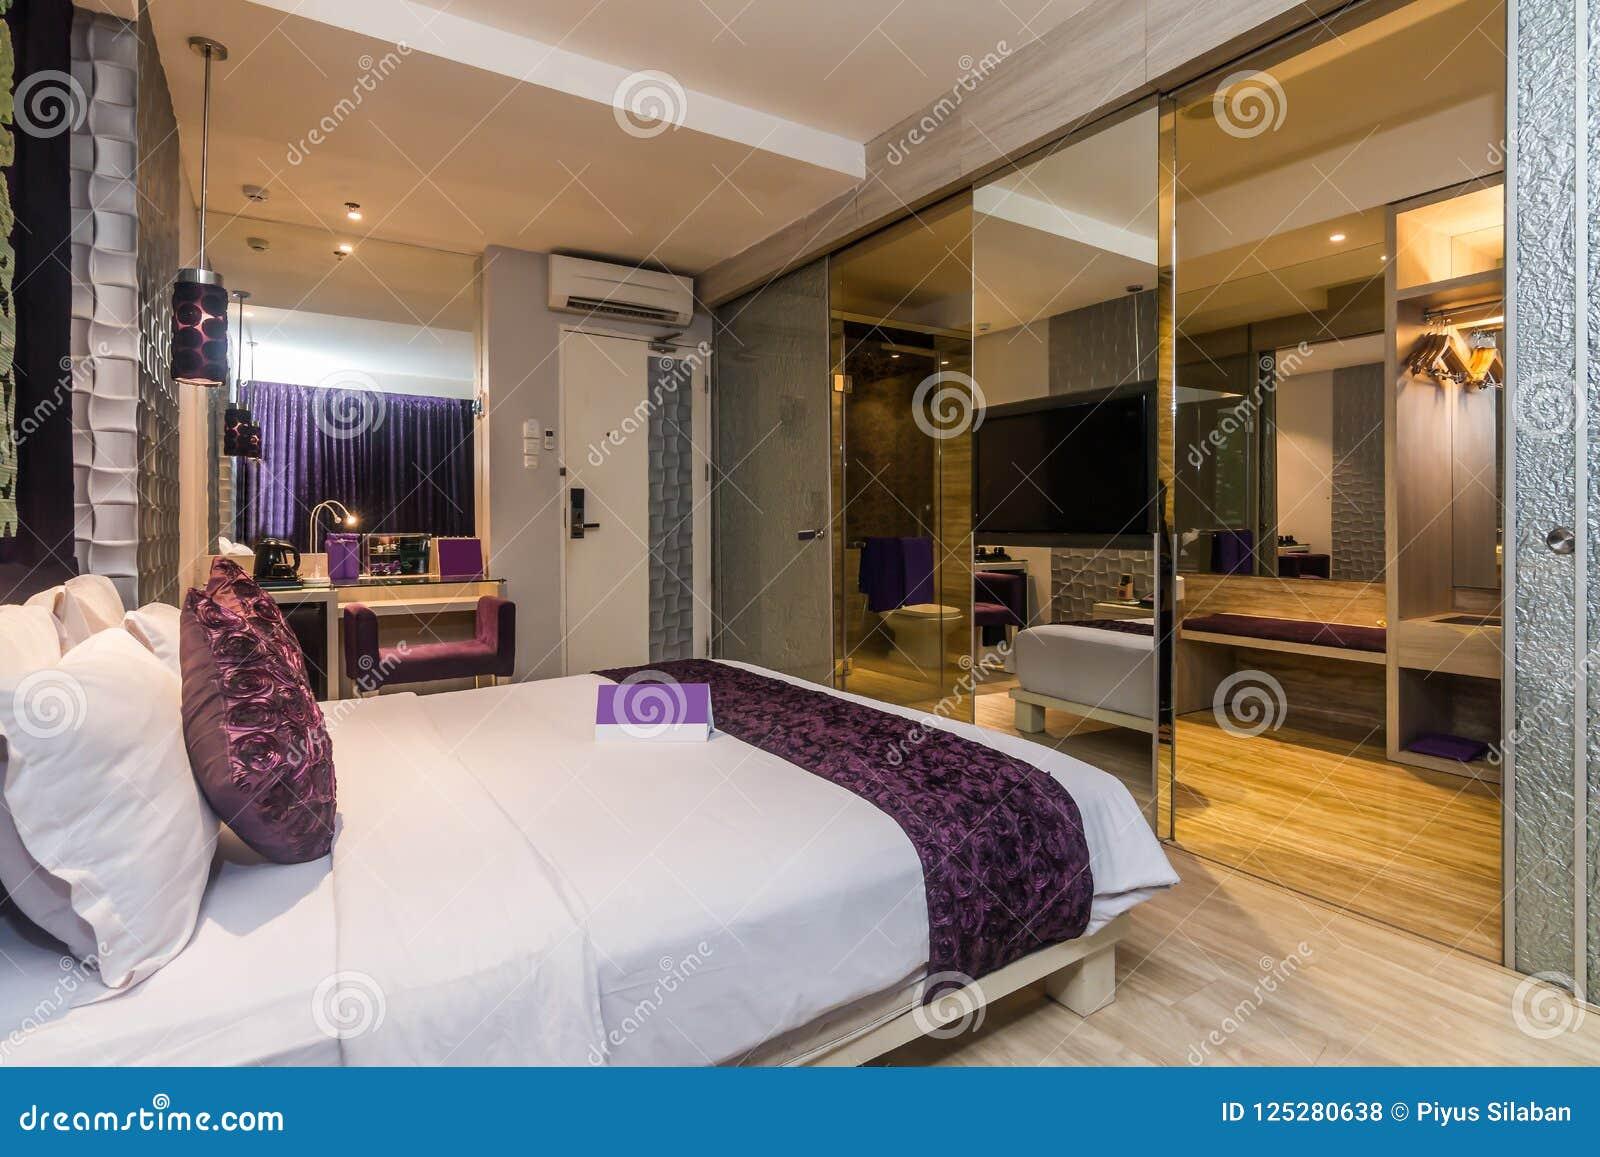 Luxury Hotel Bedroom Stock Photo Image Of Door Bathroom 125280638